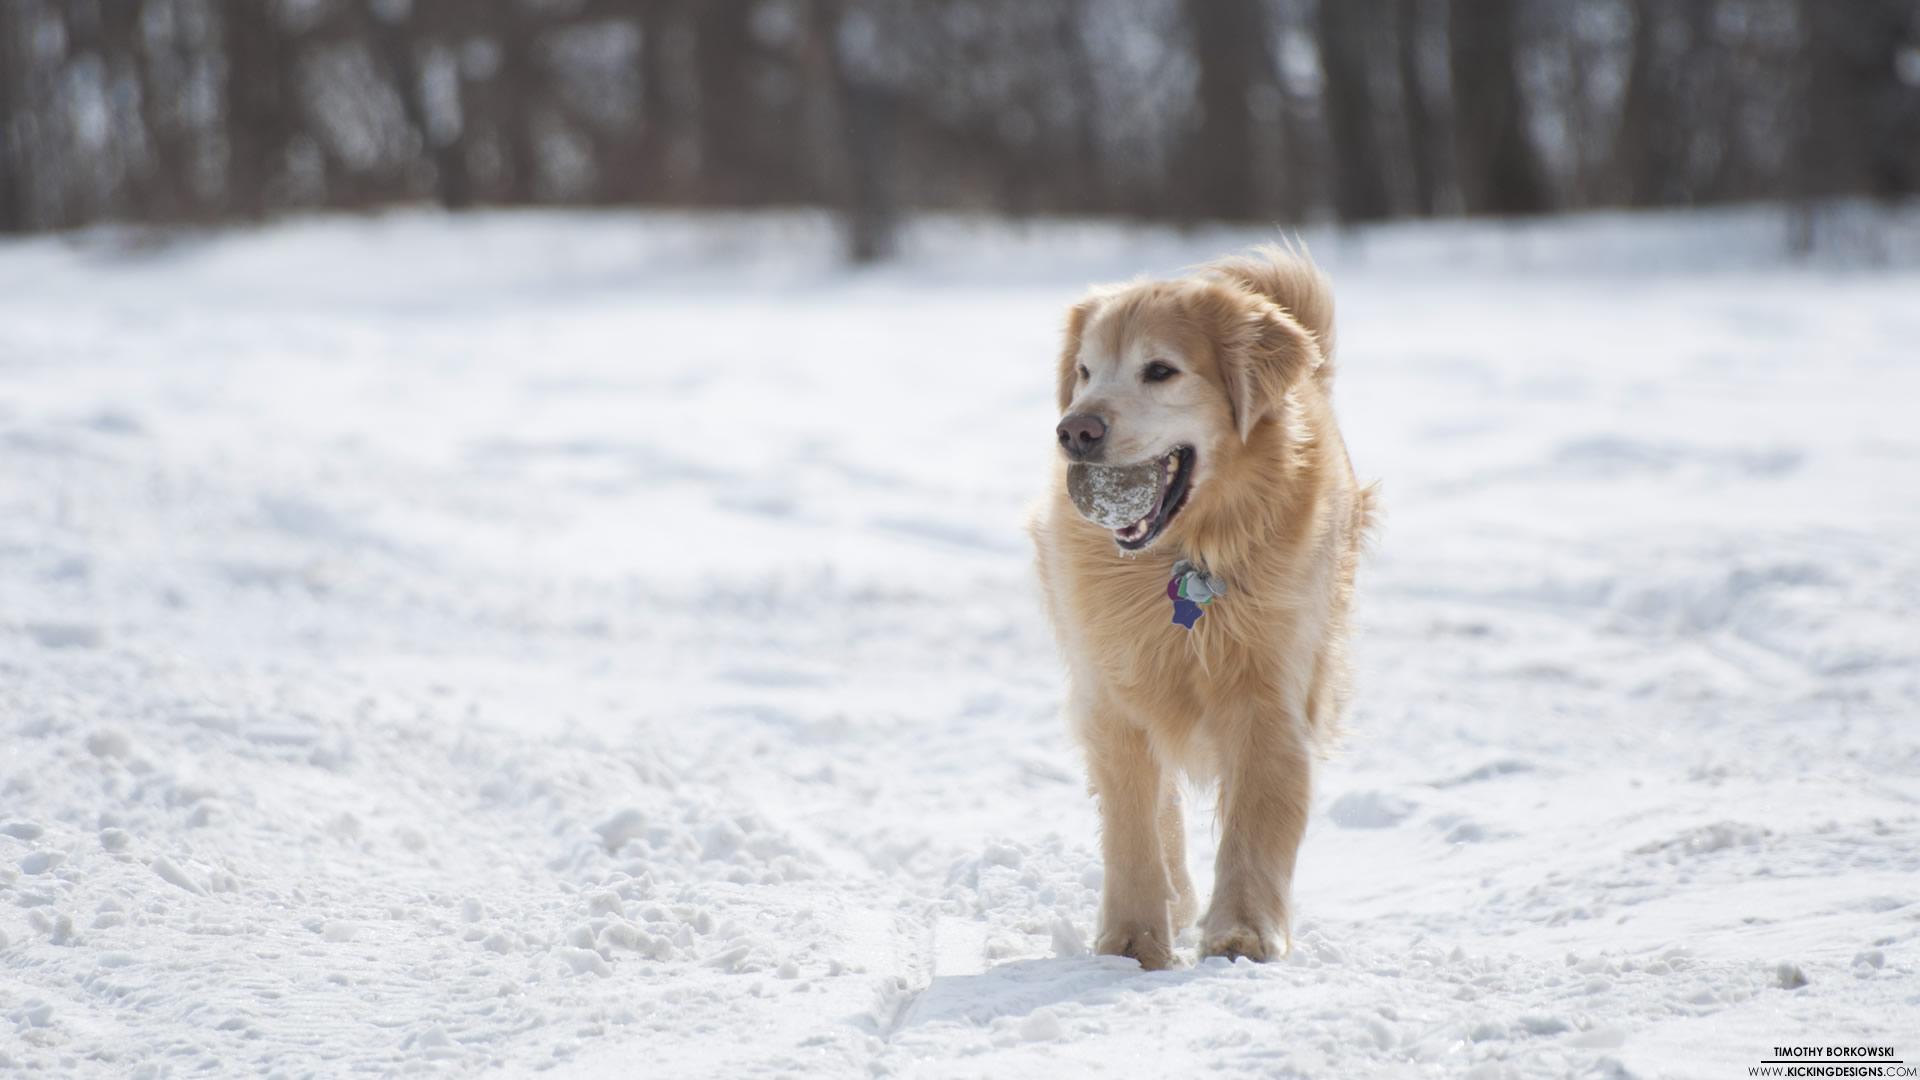 Golden Retriever Dog Wallpapers Full Hdq Golden Retriever Dog 1920x1080